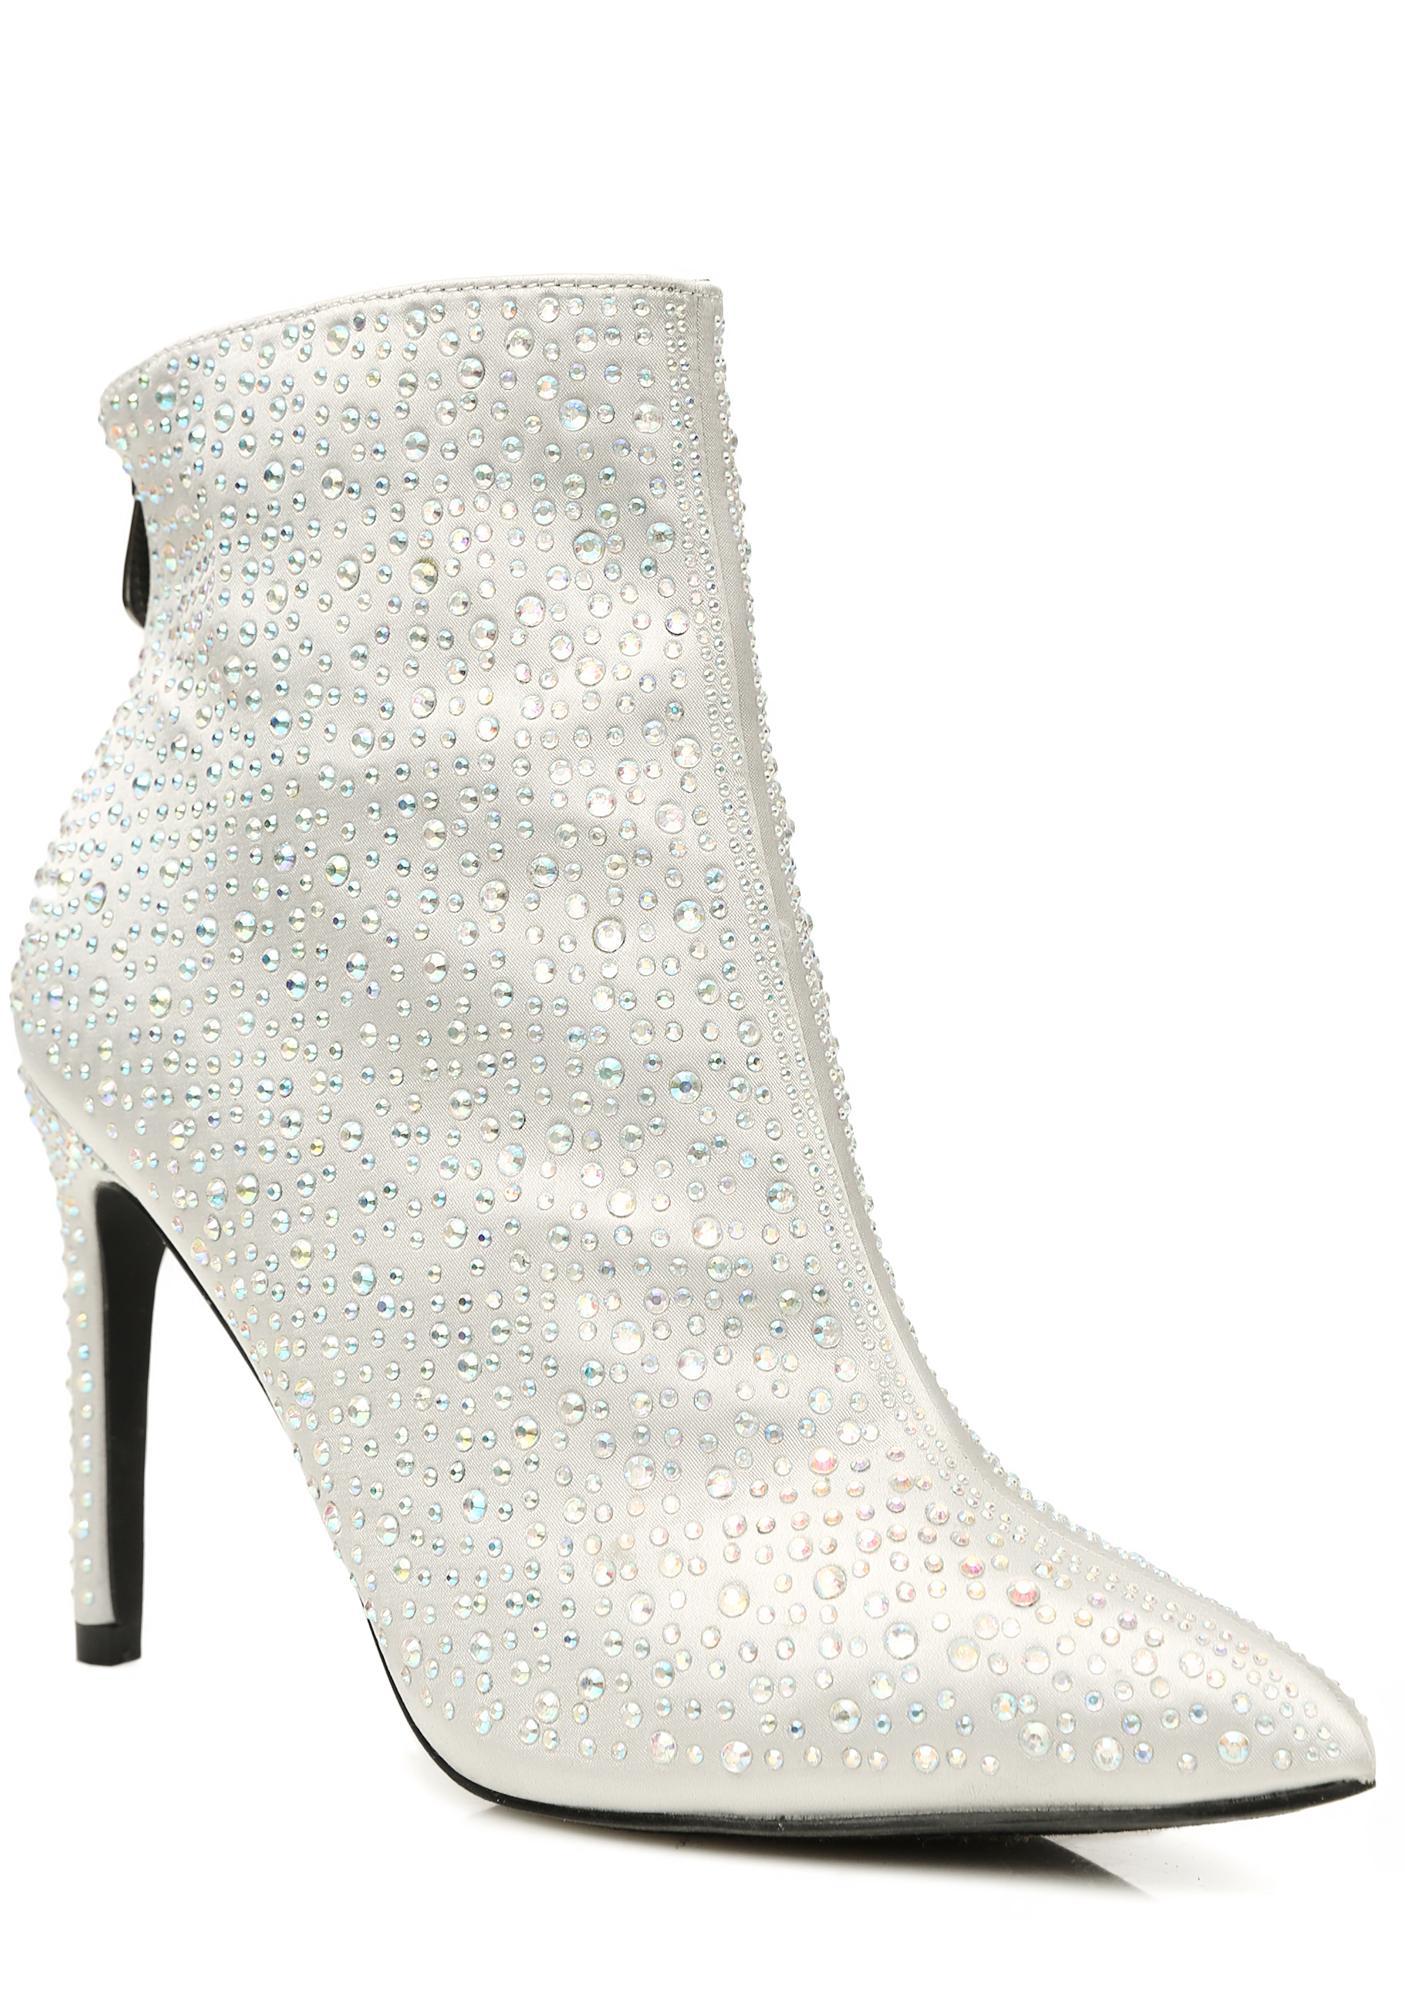 Silver Shine So Bright Rhinestone Boots